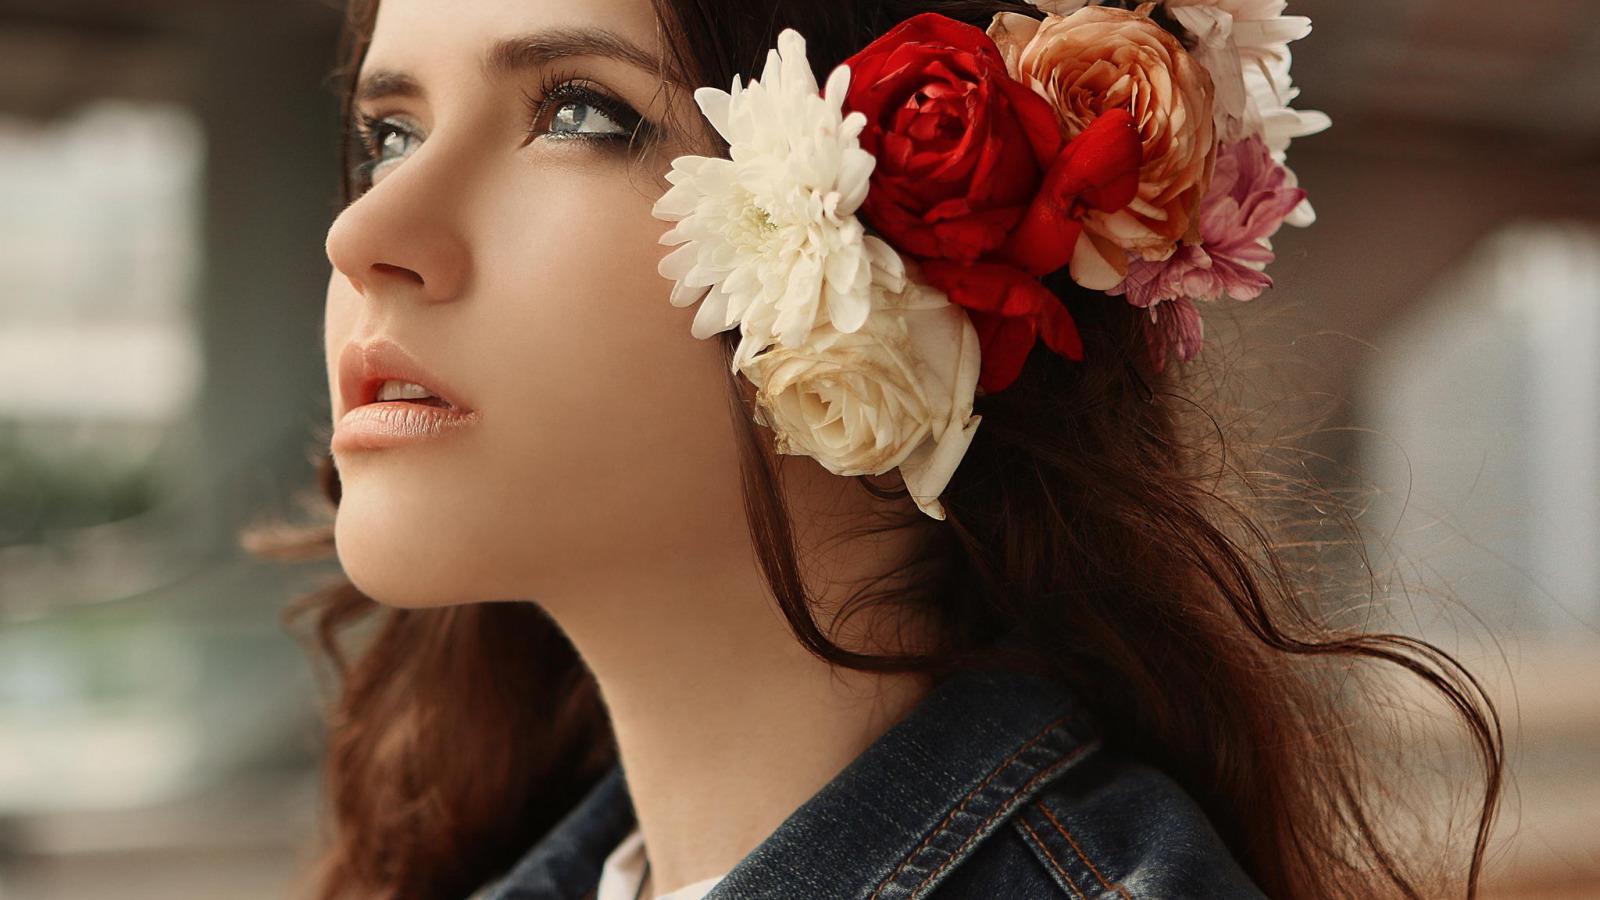 Смешно картинка, картинки фото девушки с цветами